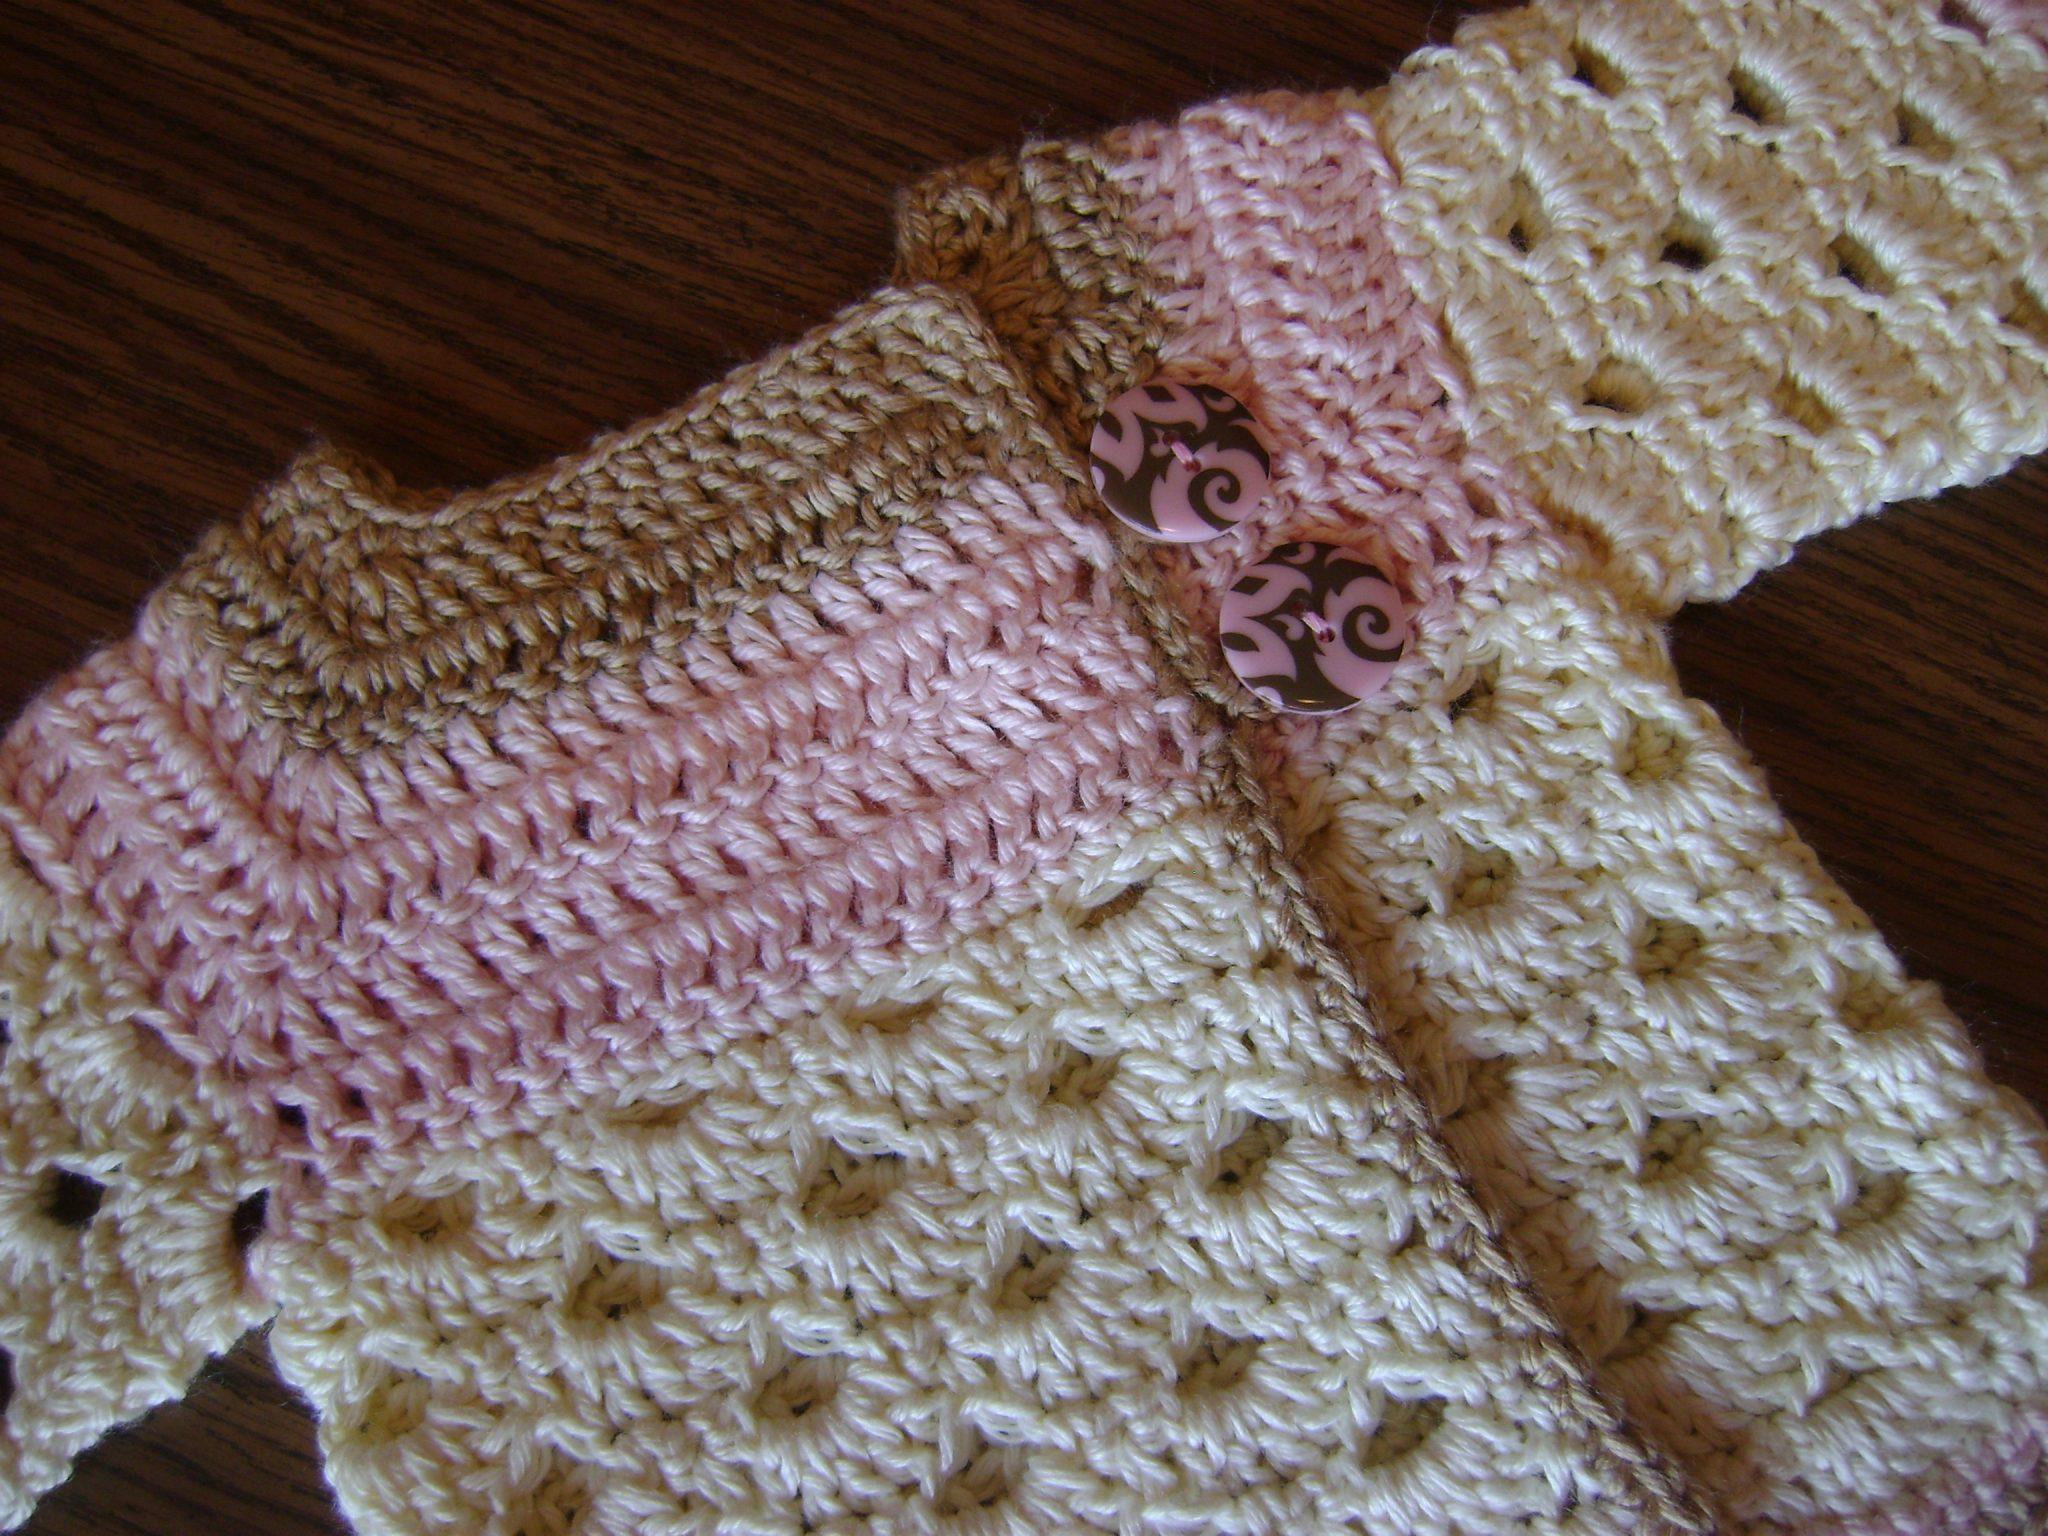 Mini Moogly Free Crochet Newborn Cardigan Sweater Pattern 097f08ba4